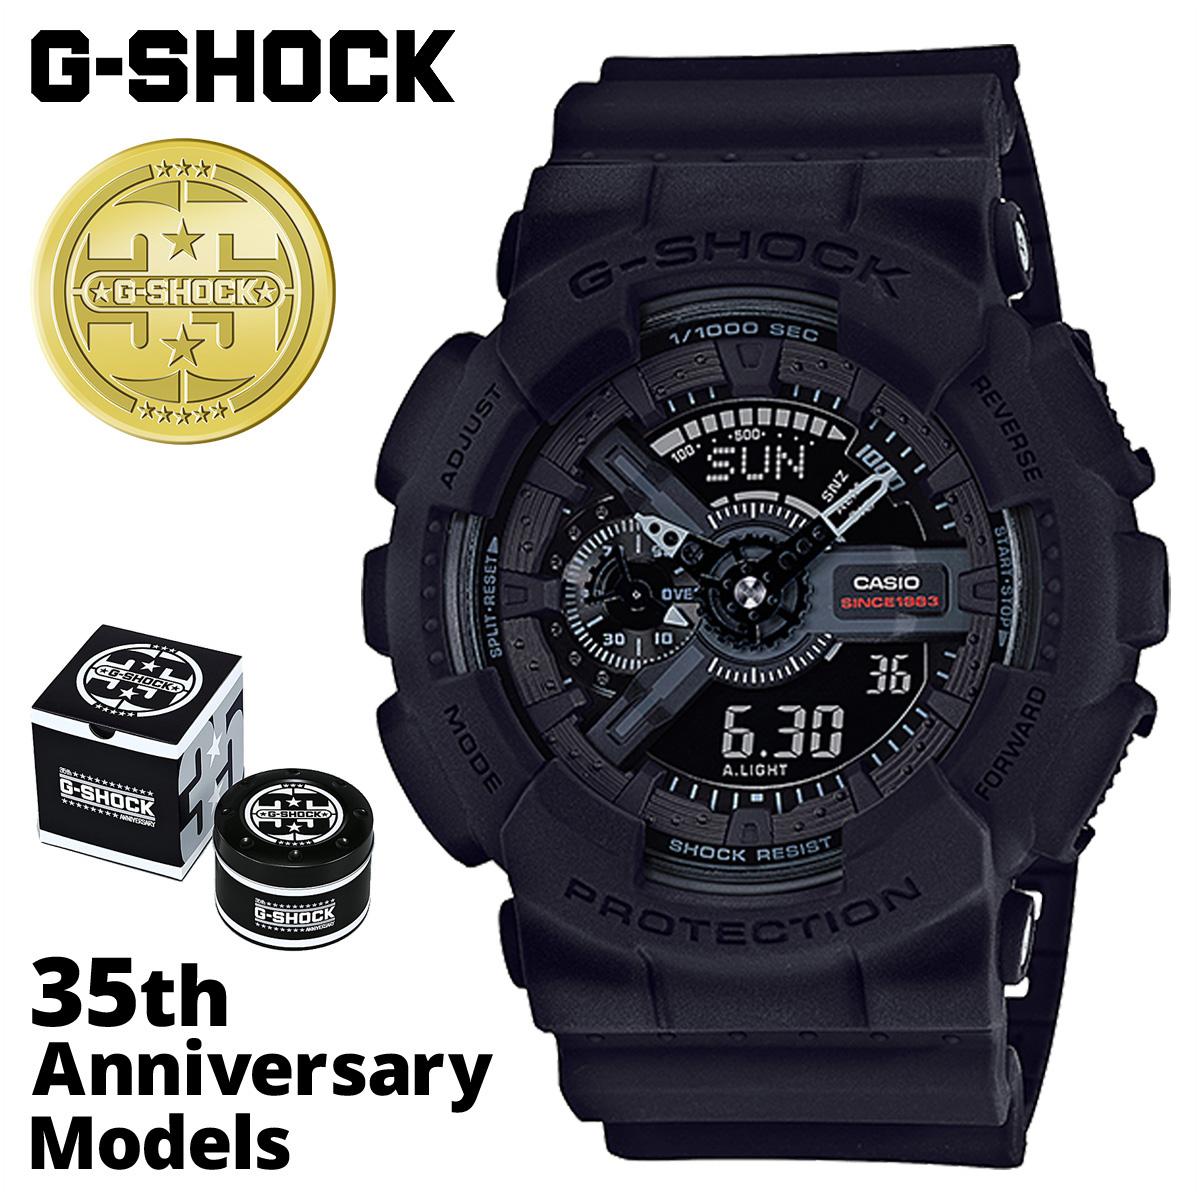 カシオ CASIO G-SHOCK 腕時計 GA-135A-1AJR BIG BANG BLACK 35周年 ジーショック Gショック G-ショック ブラック メンズ レディース [9/5 再入荷]